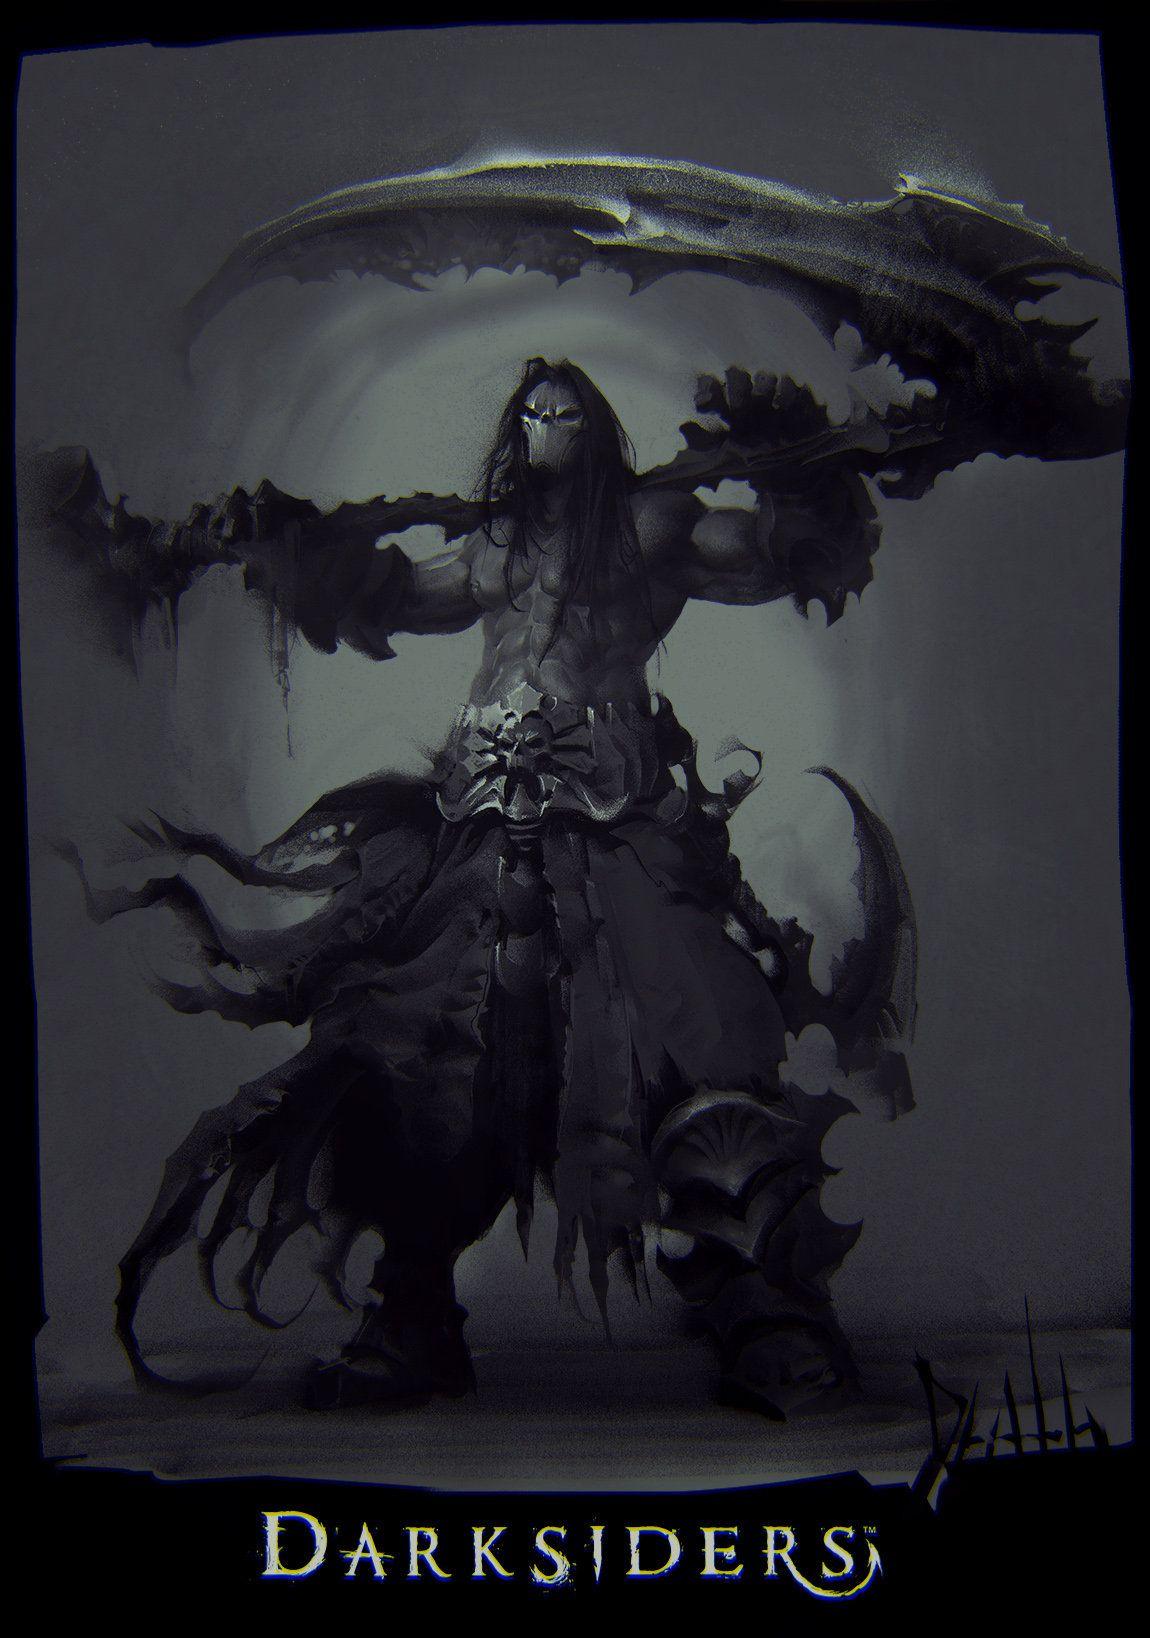 ArtStation - Darksiders , Marat Ars